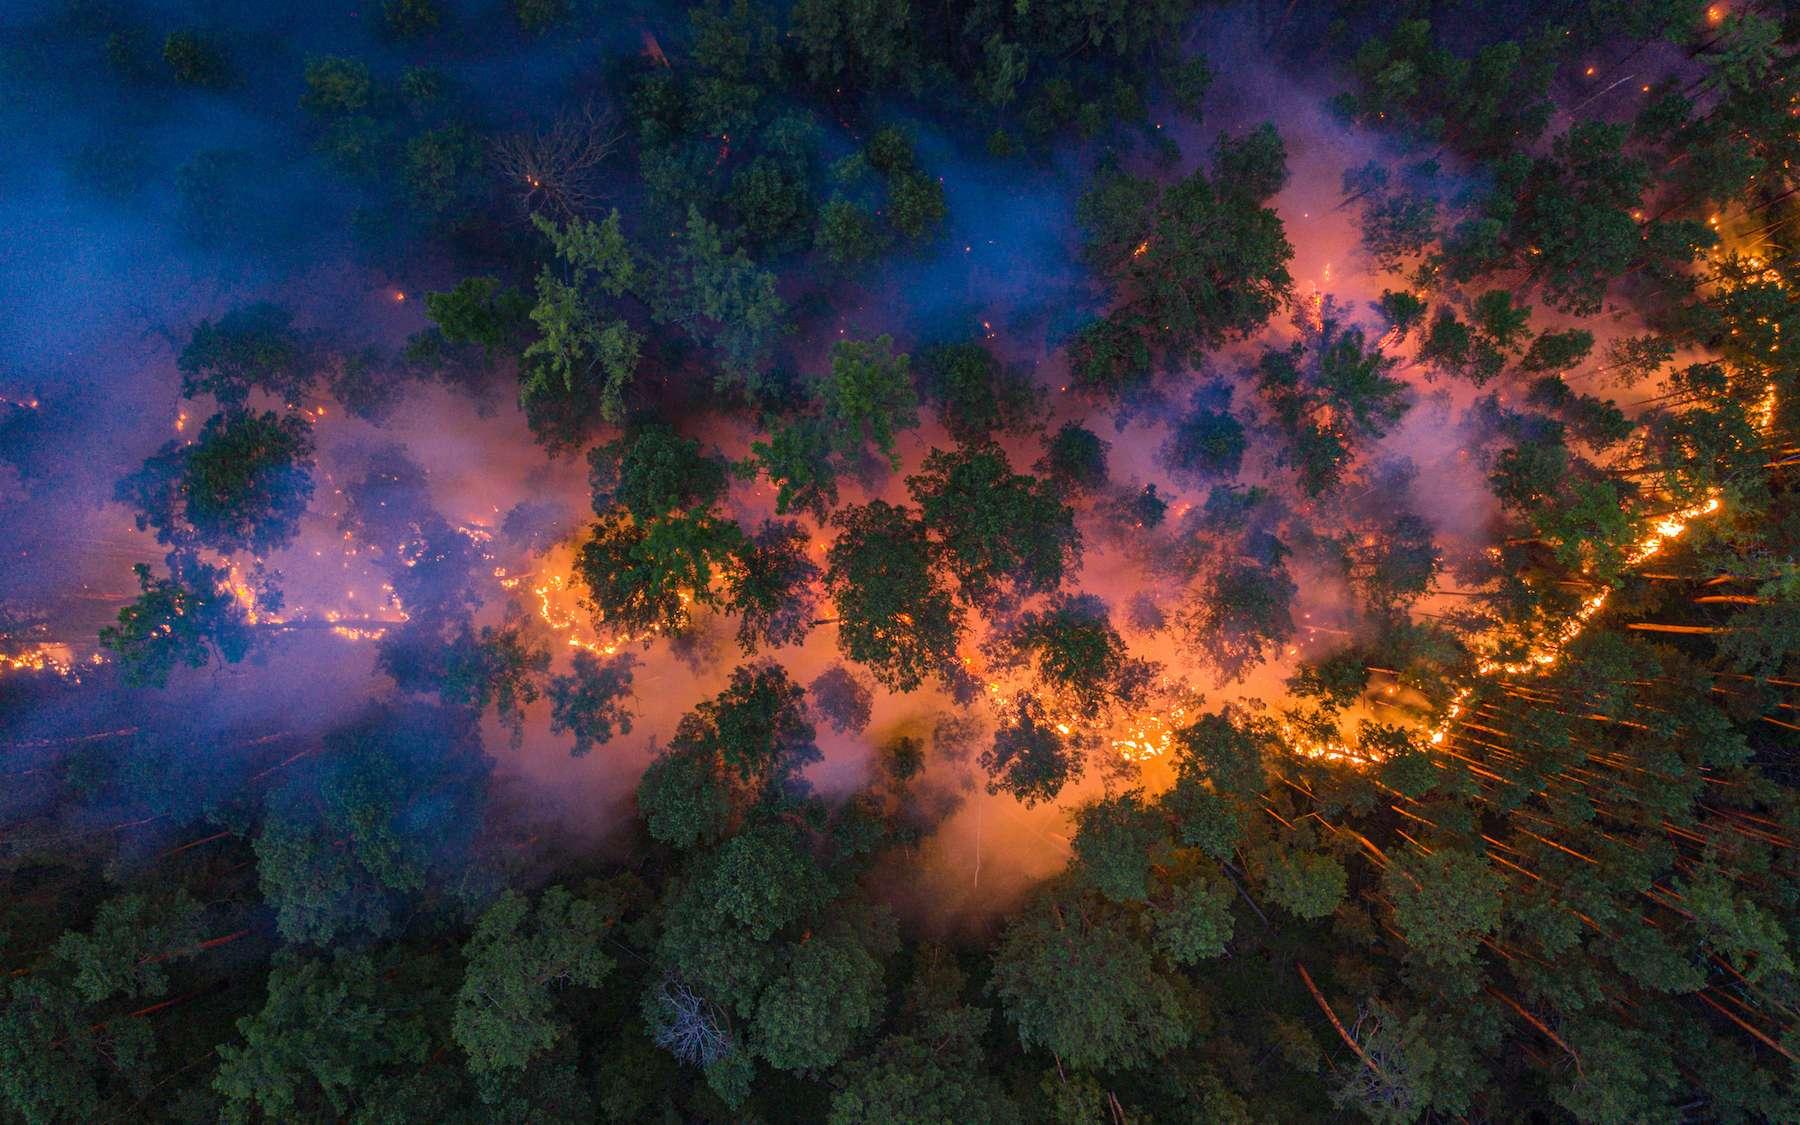 Près de 11 millions d'hectares de forêt ont été ravagé en Sibérie depuis le début de 2020. © Greenpeace